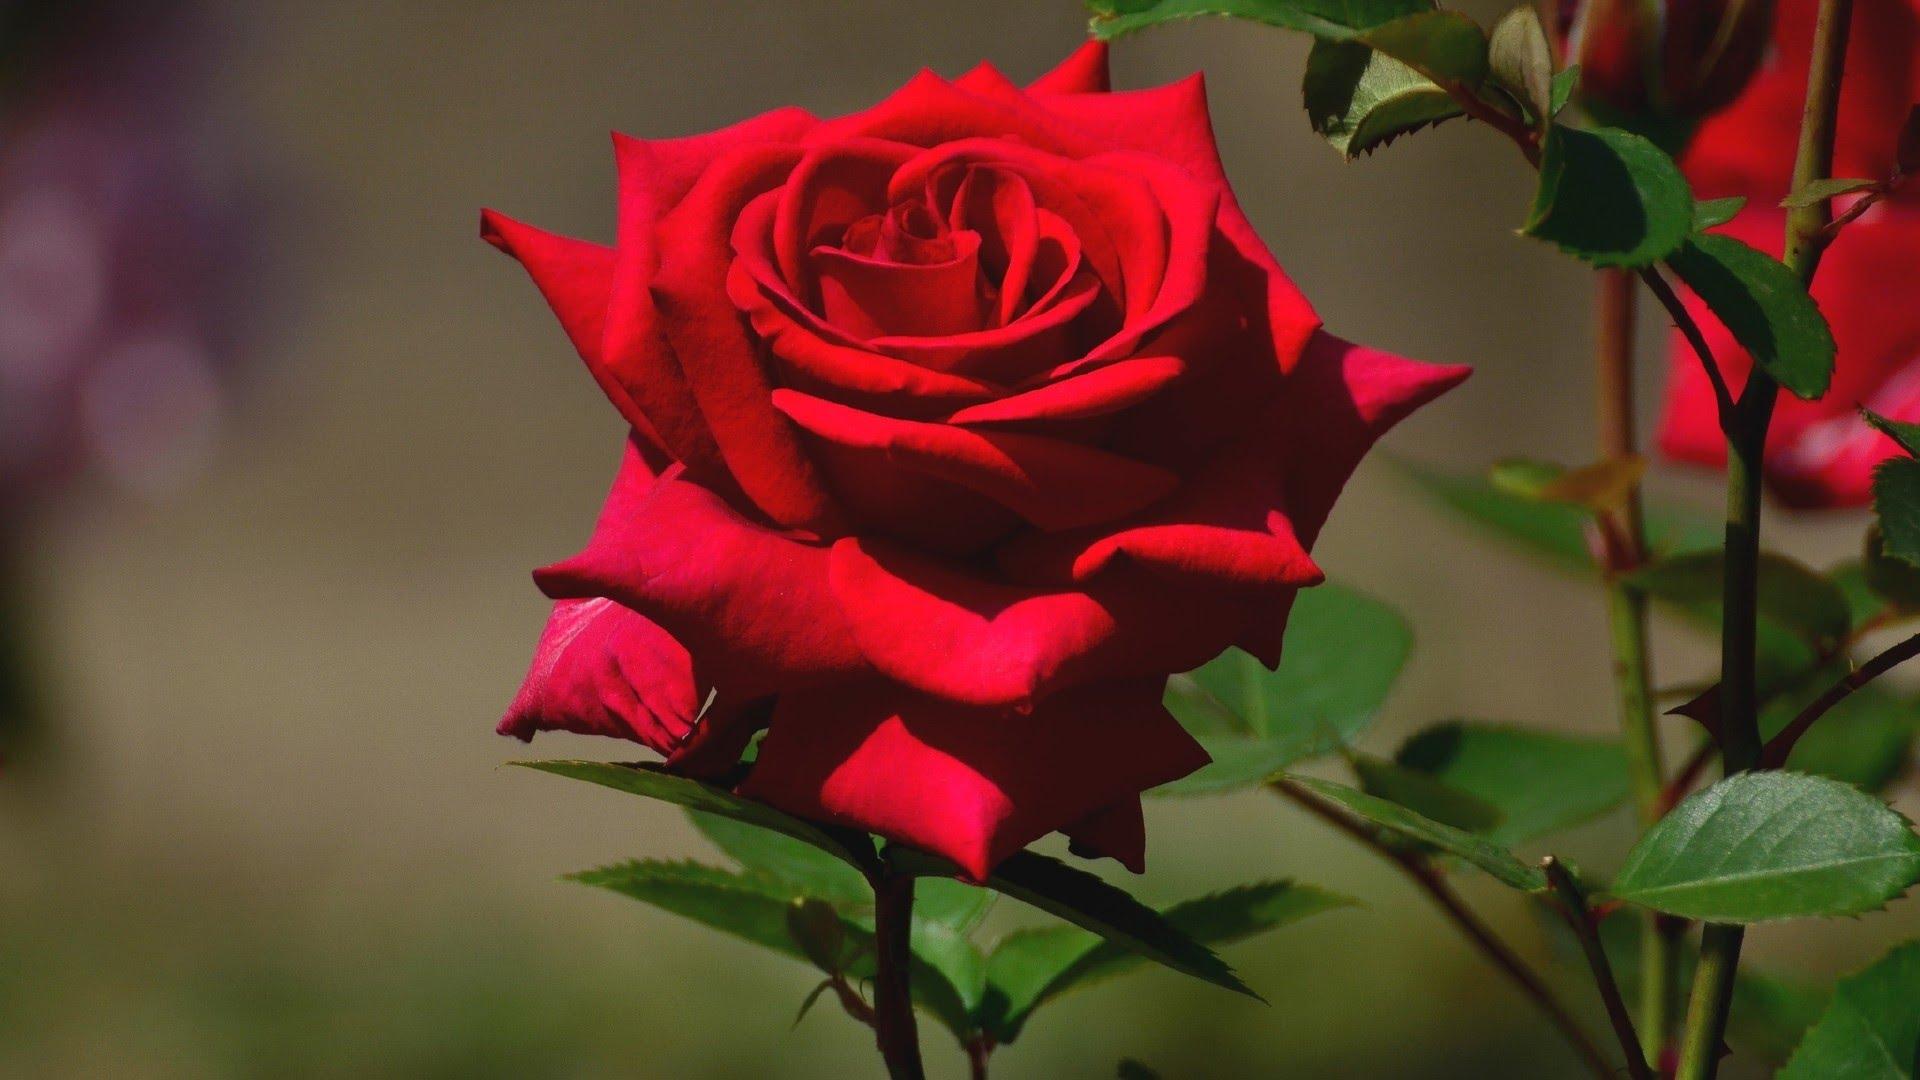 Красивые картинки роз на весь экран на рабочий стол - подборка 15